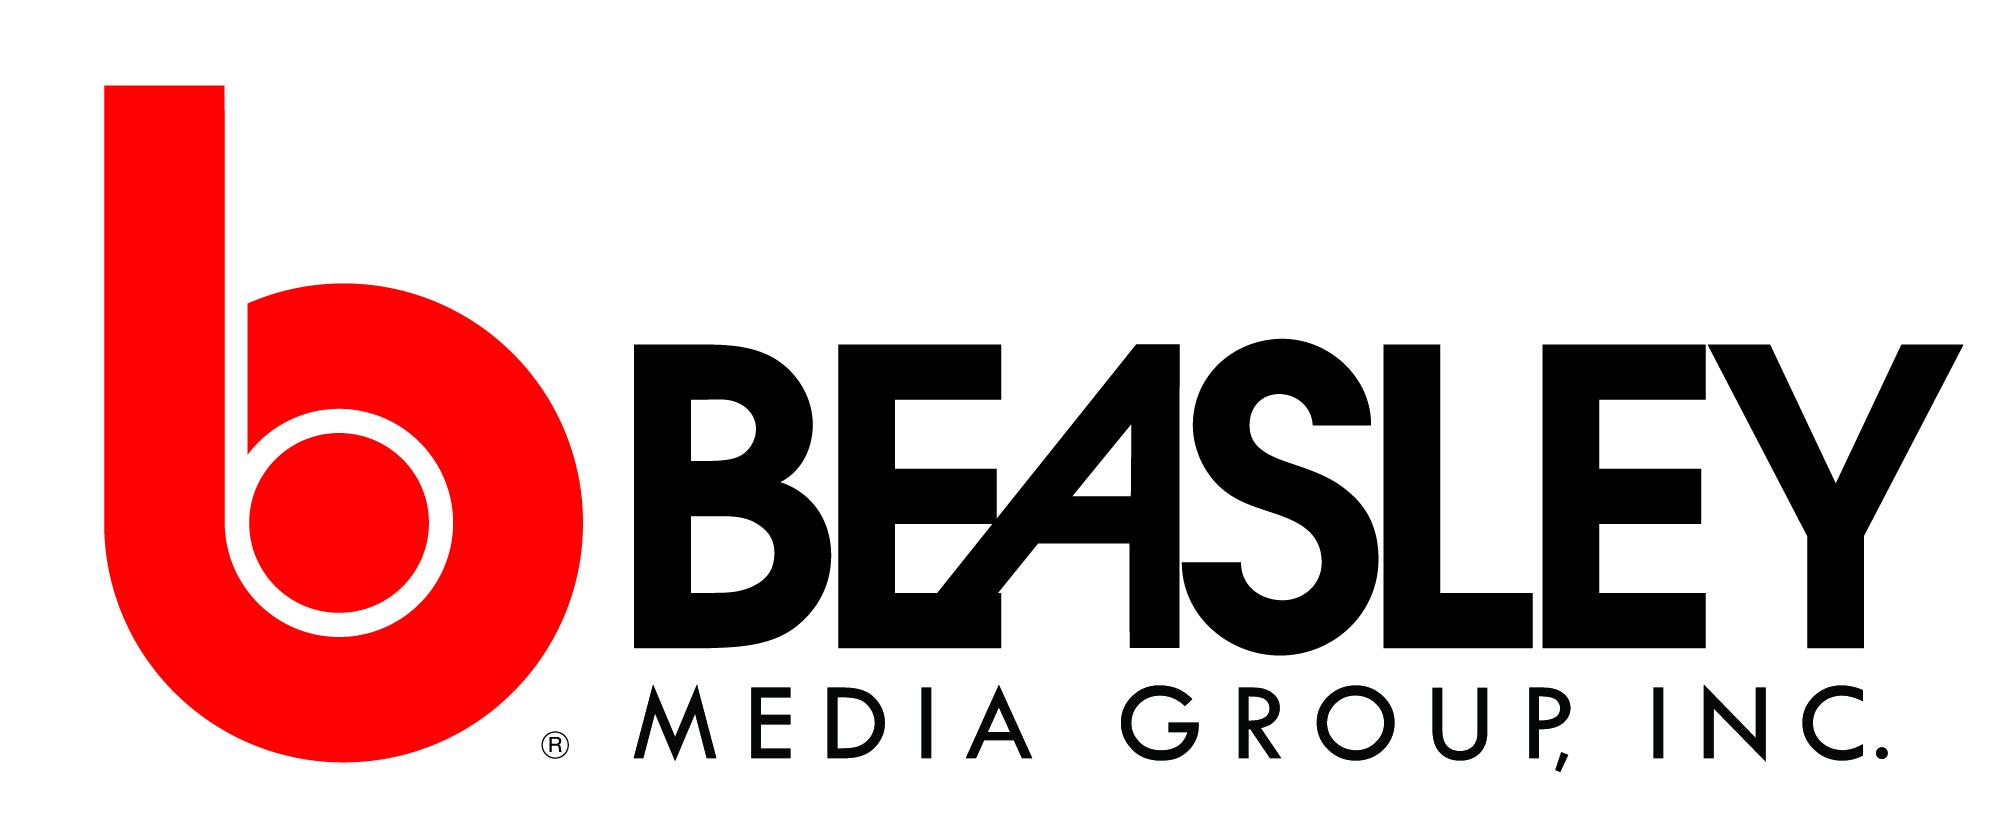 Beasly Media Group